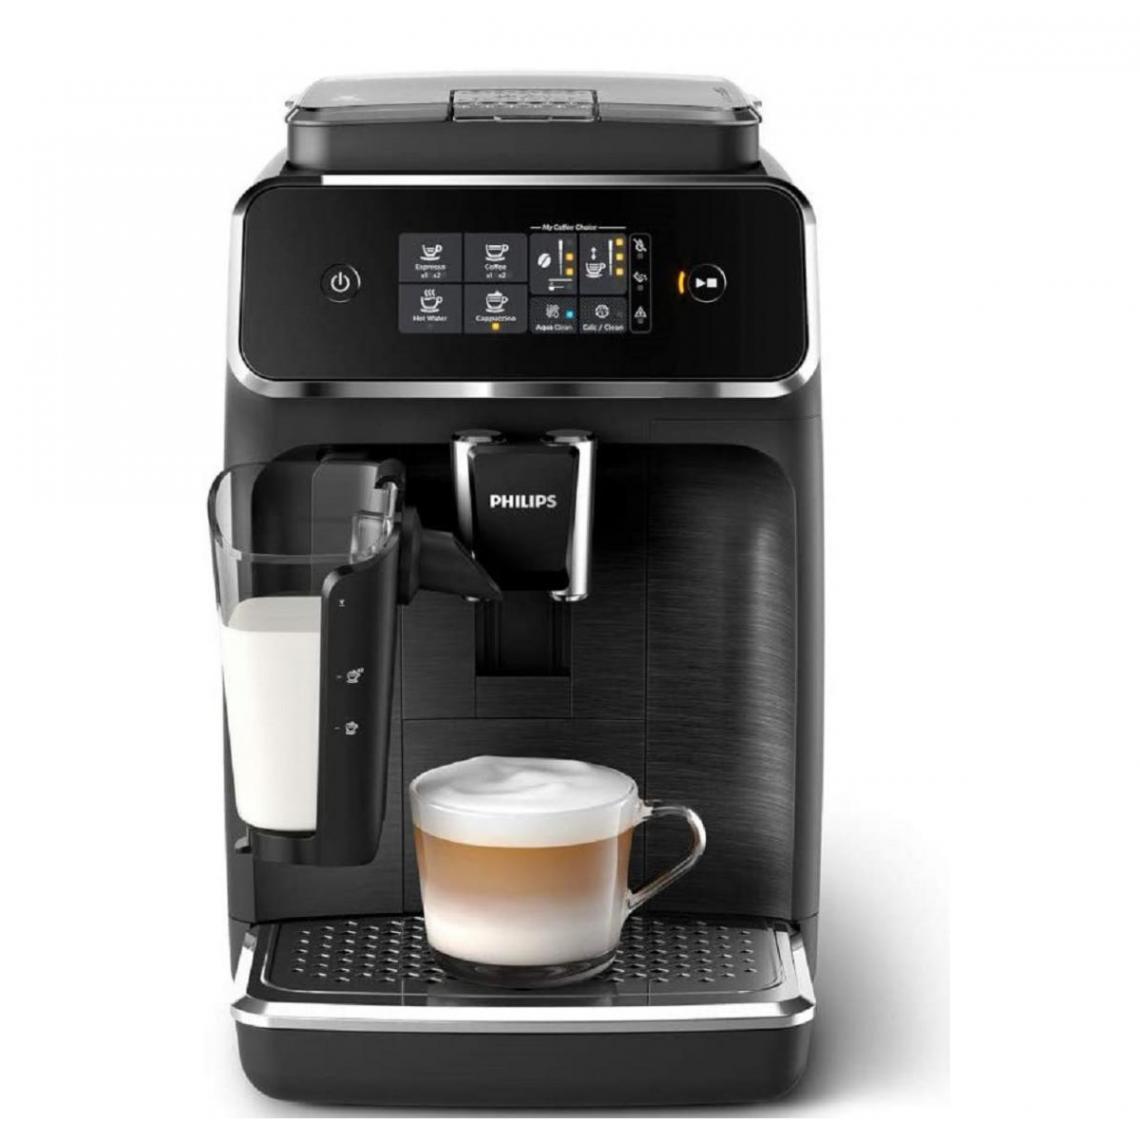 Philips Machine à café Expresso broyeur Série 2200 - EP2232/40 - Noir